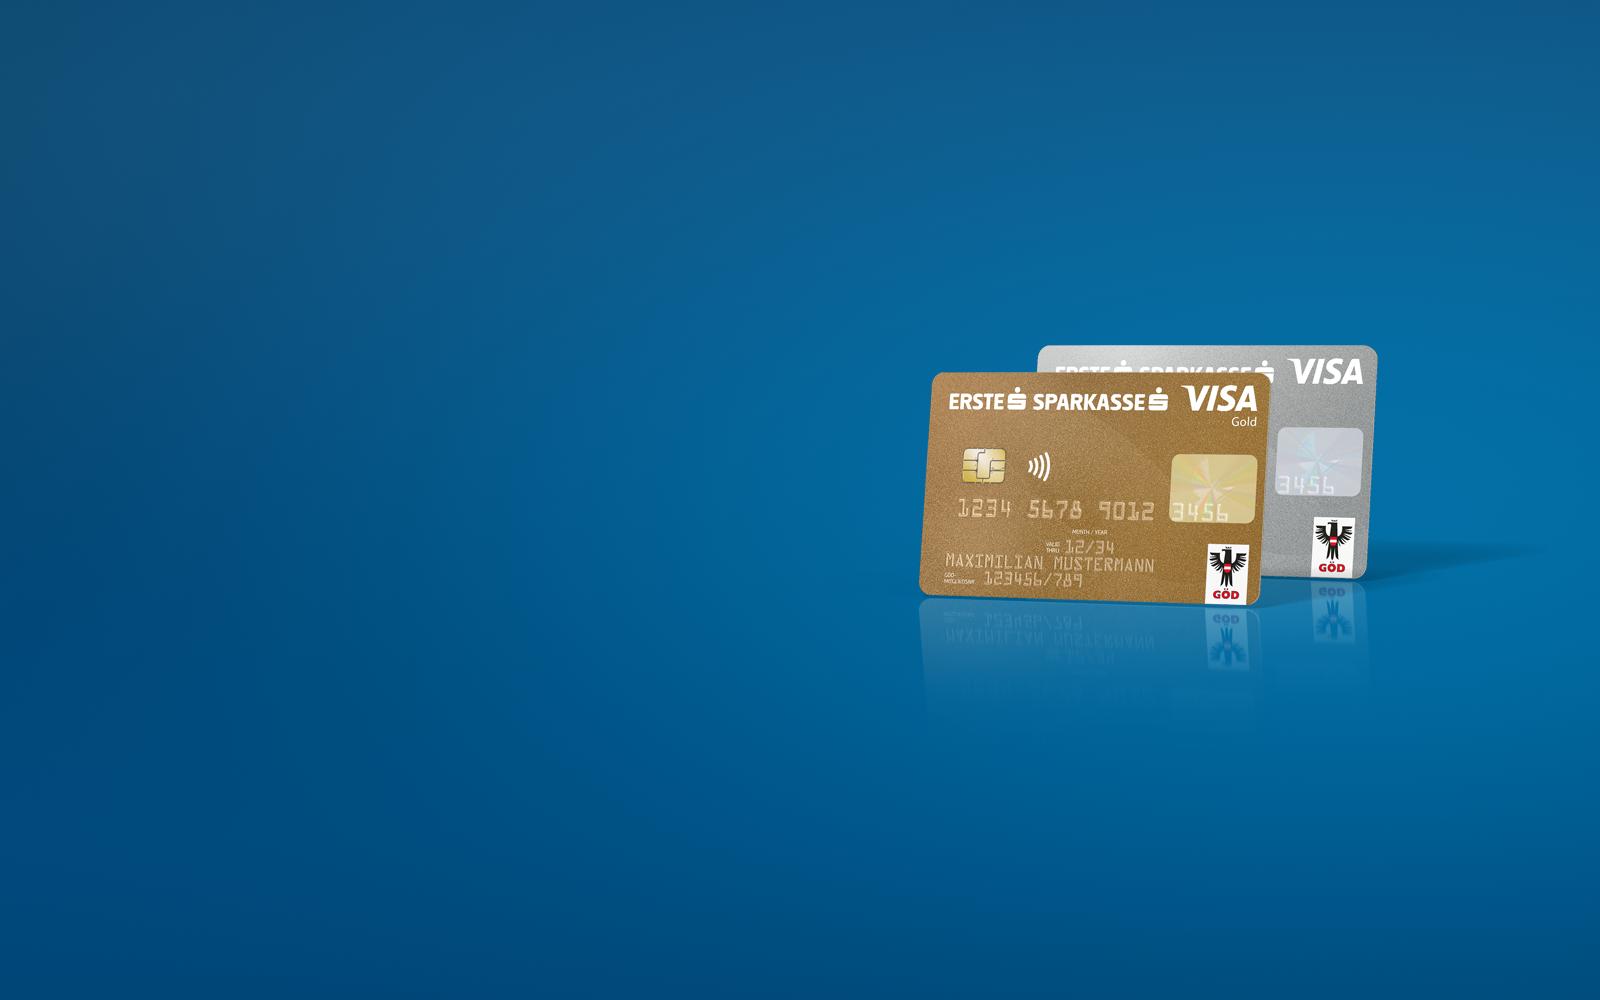 Inanspruchnahme reiserücktrittsversicherung mastercard gold